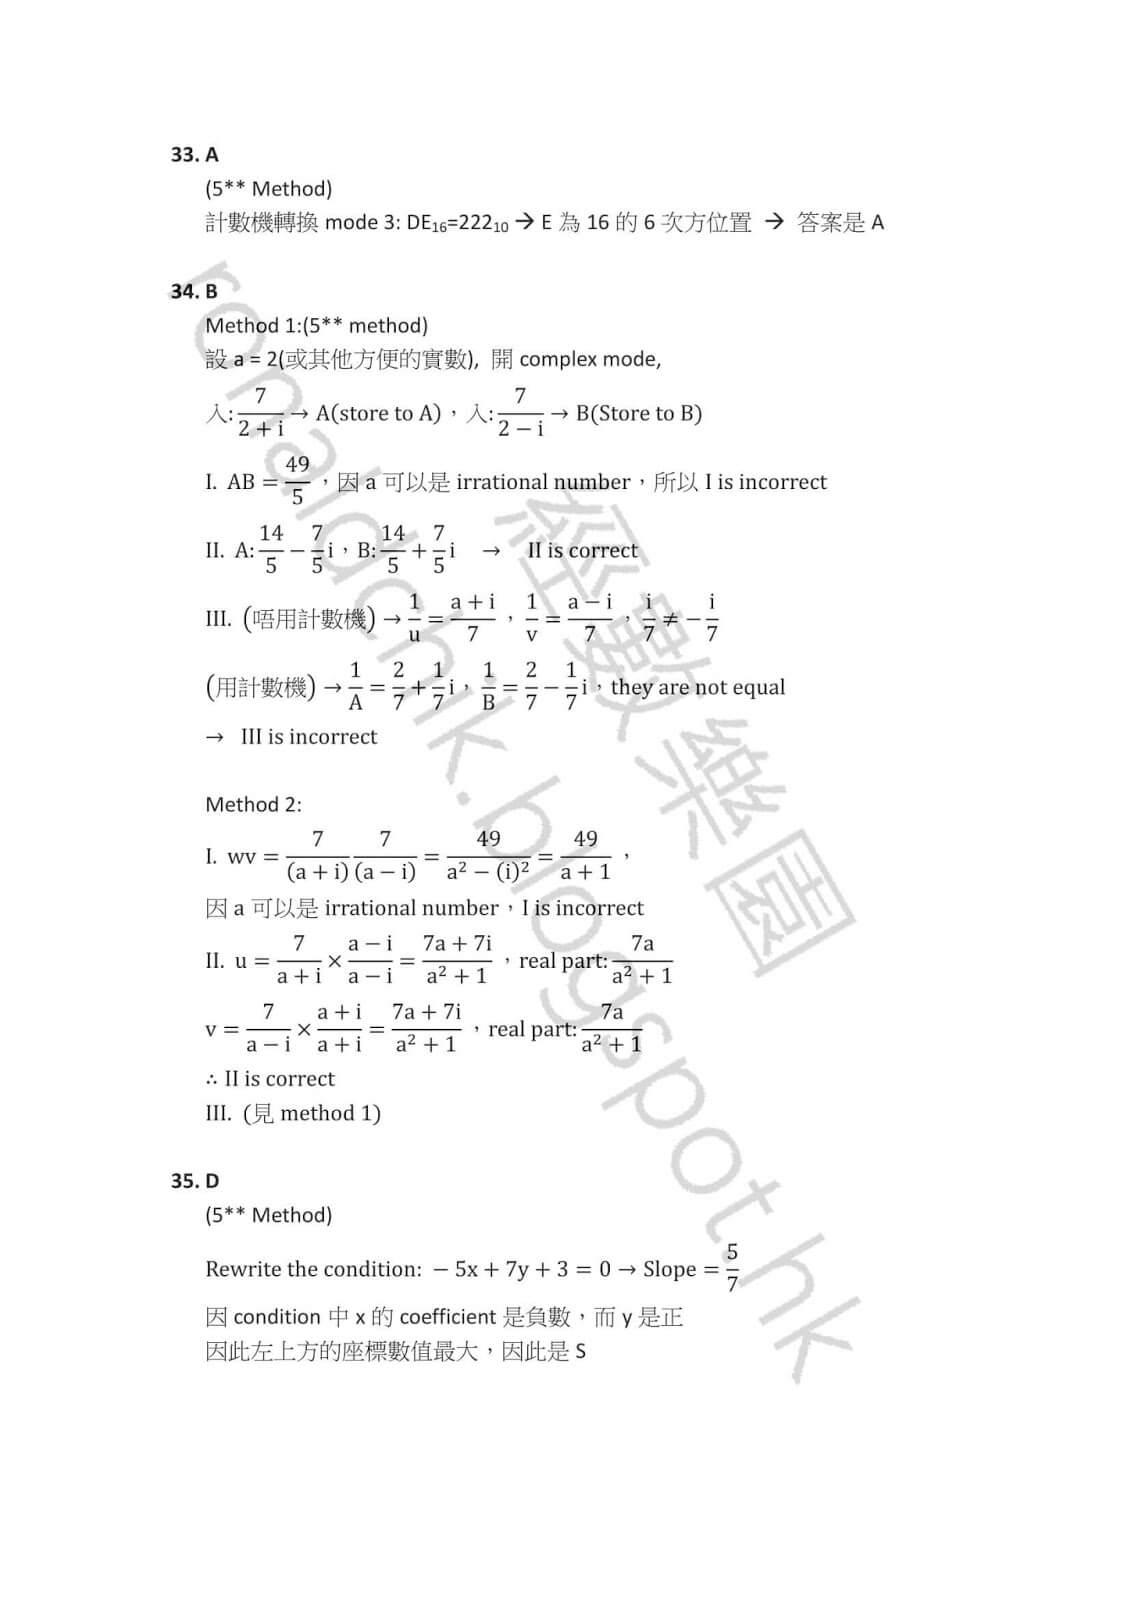 2016 DSE Math Paper 2 數學 卷二 答案 Q.33,34,35